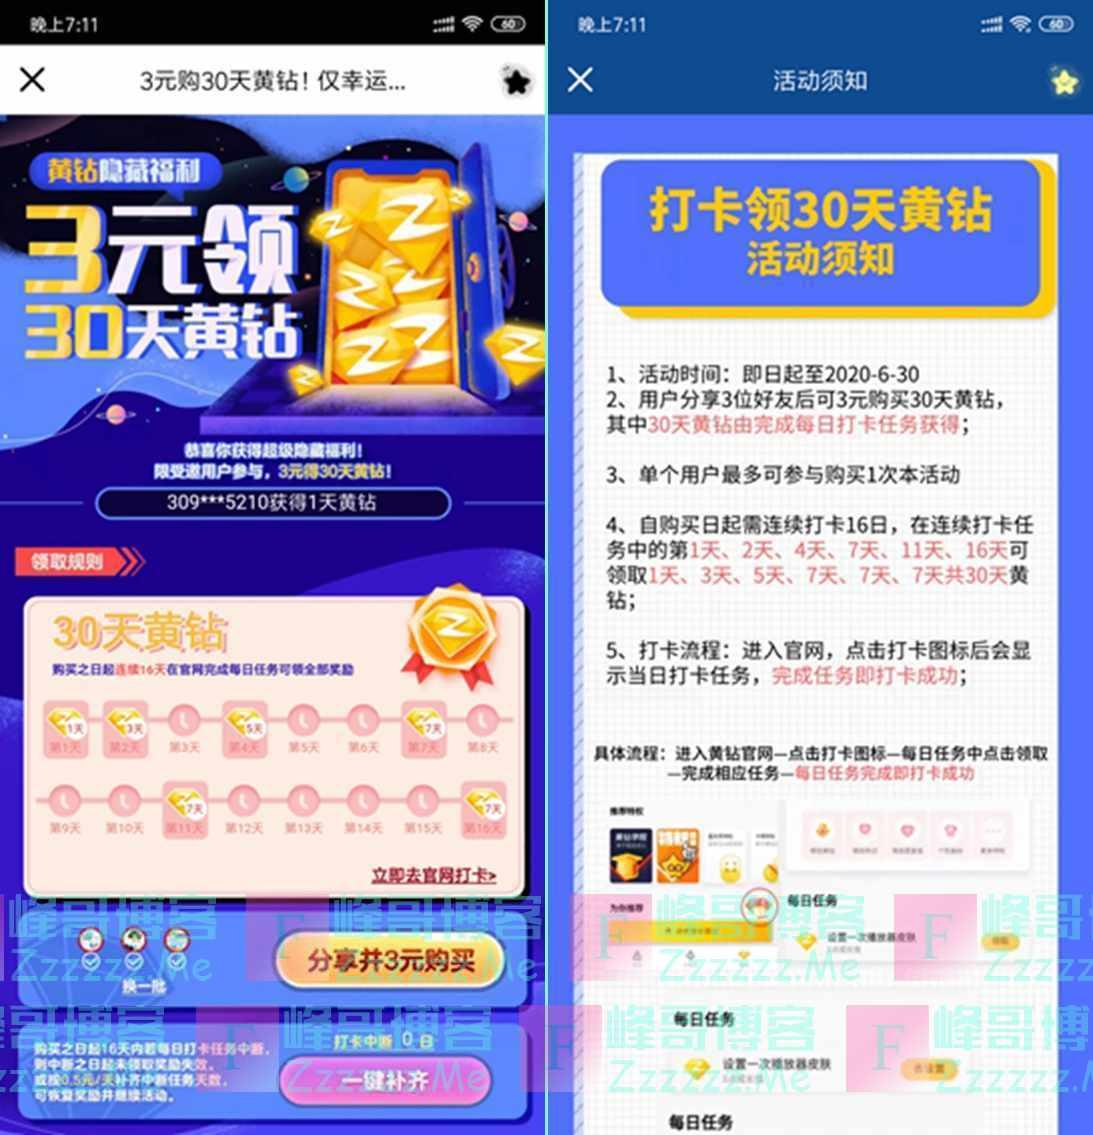 QQ黄钻活动 3元开通一个月QQ黄钻特权 需要连续打卡16天!